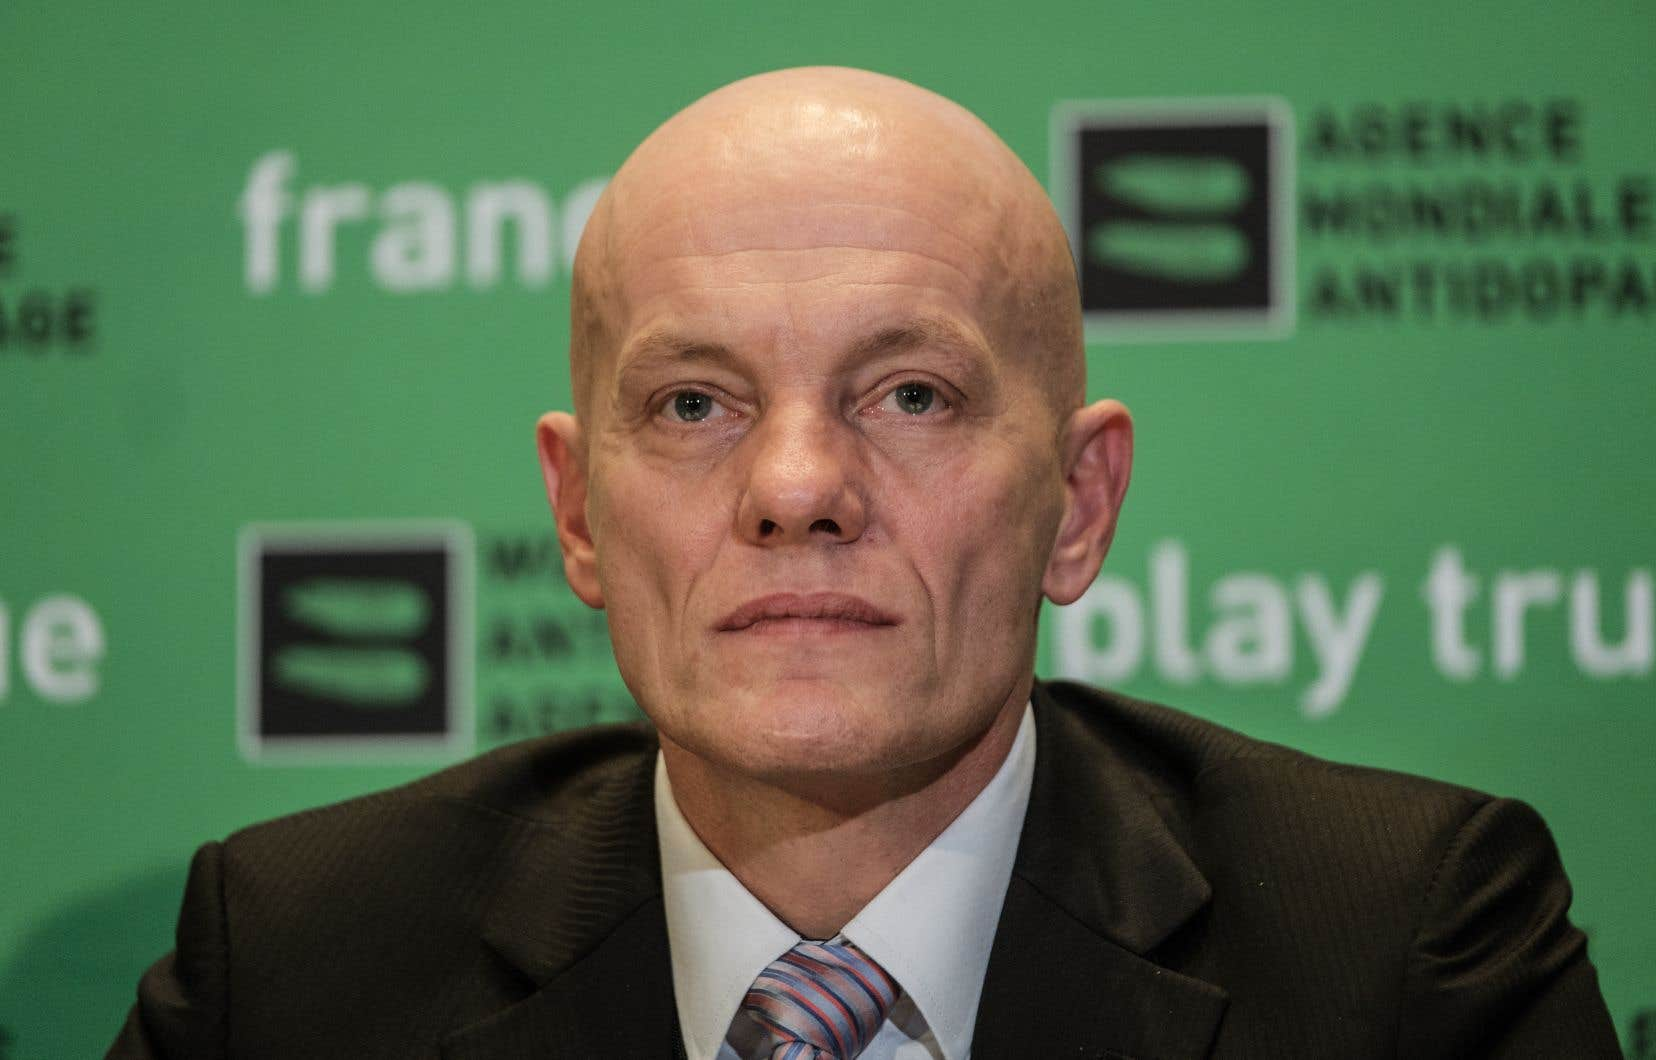 Le responsable de l'unité d'enquête de l'Agence mondiale antidopage, Günter Younger